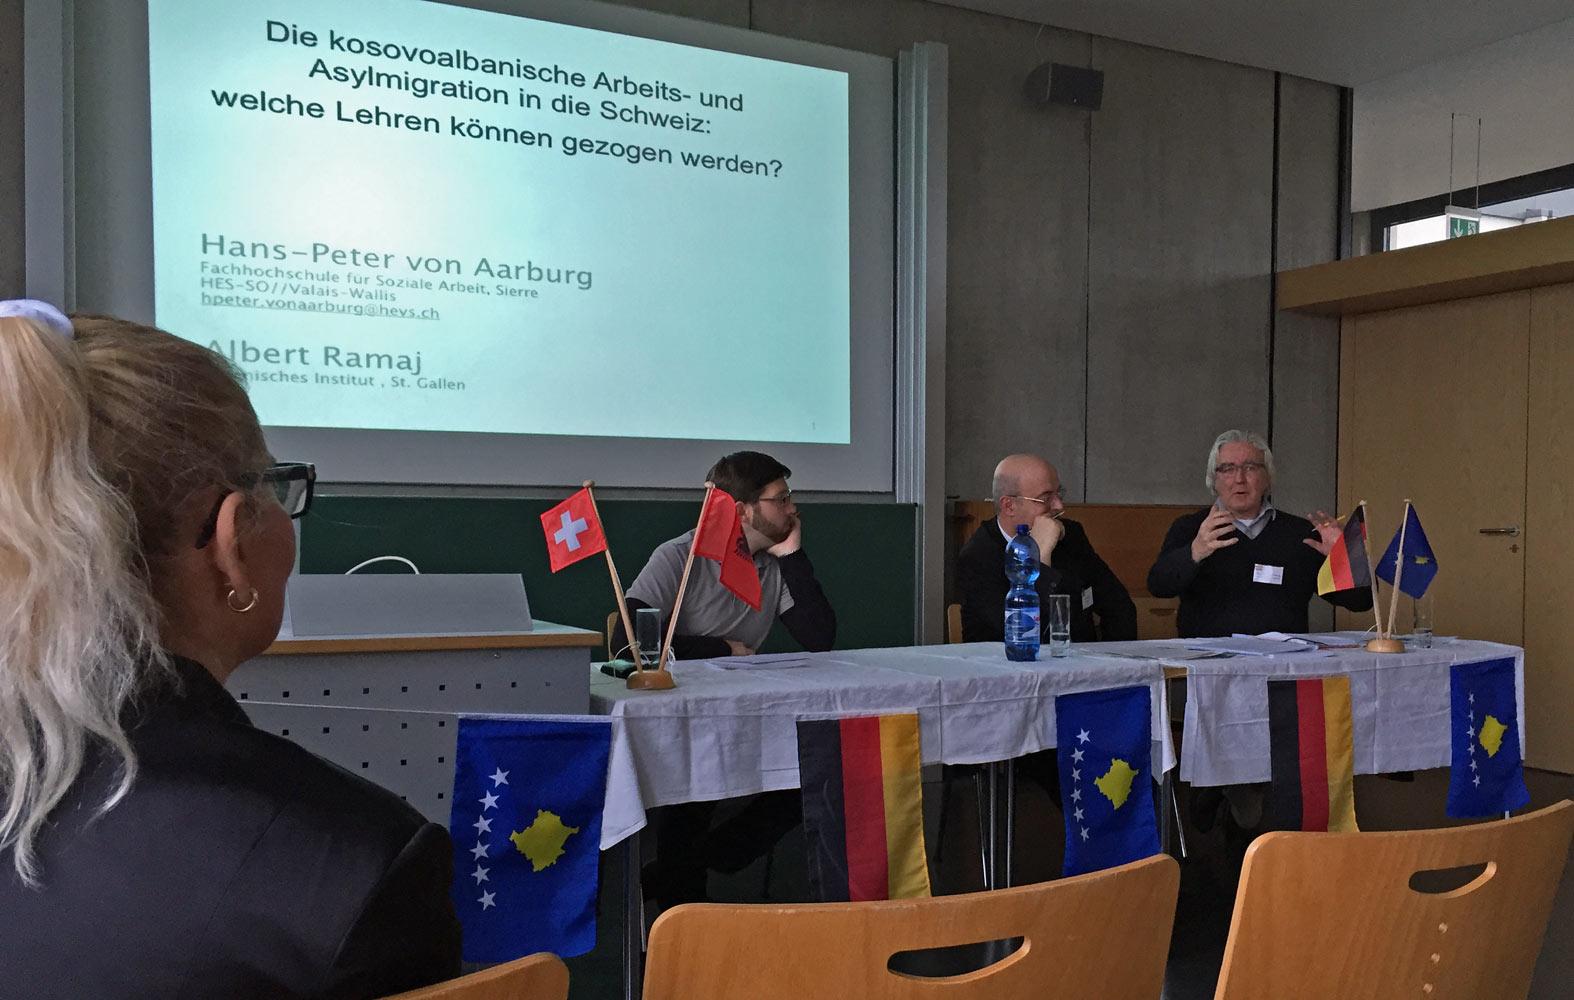 Vortrag Hans-Peter von Aarburg